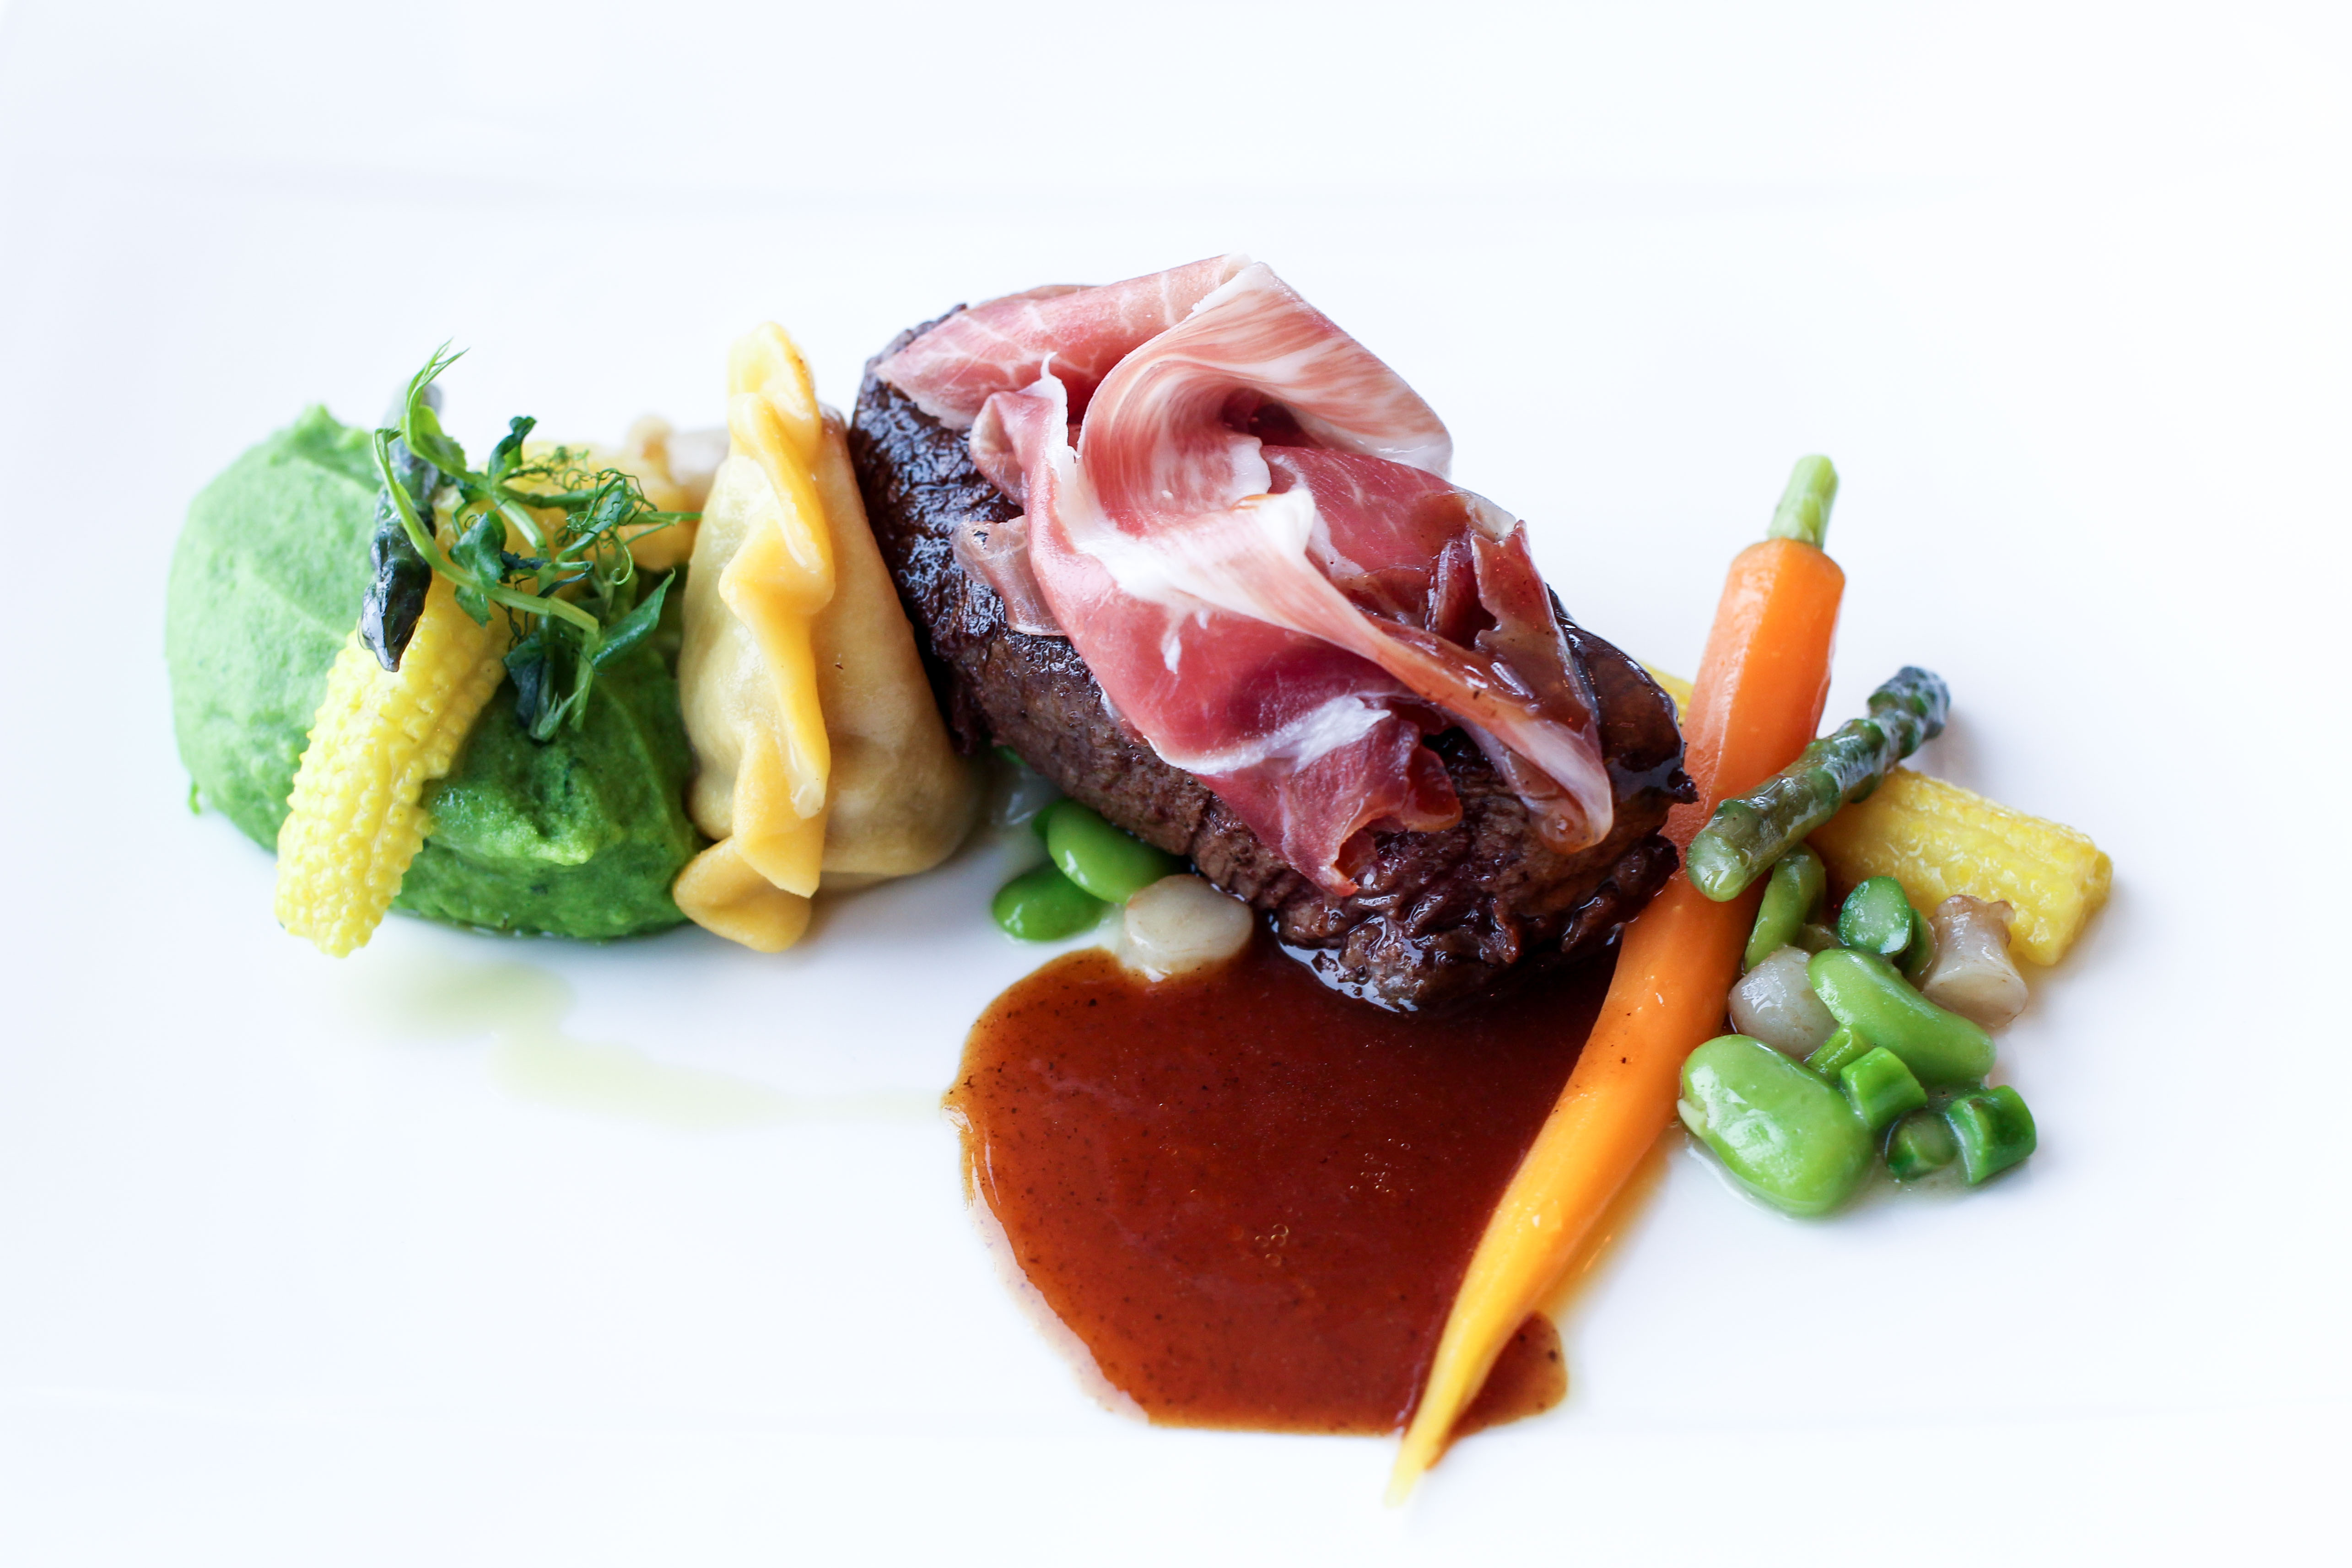 Gourmet-Restaurant 3 Gänge Menü Rinderfilet Pata Negra Kräuter Kartoffelpüree iceQ Sölden Tirol Österreich James Bond Location Spectre Gaislachkogl